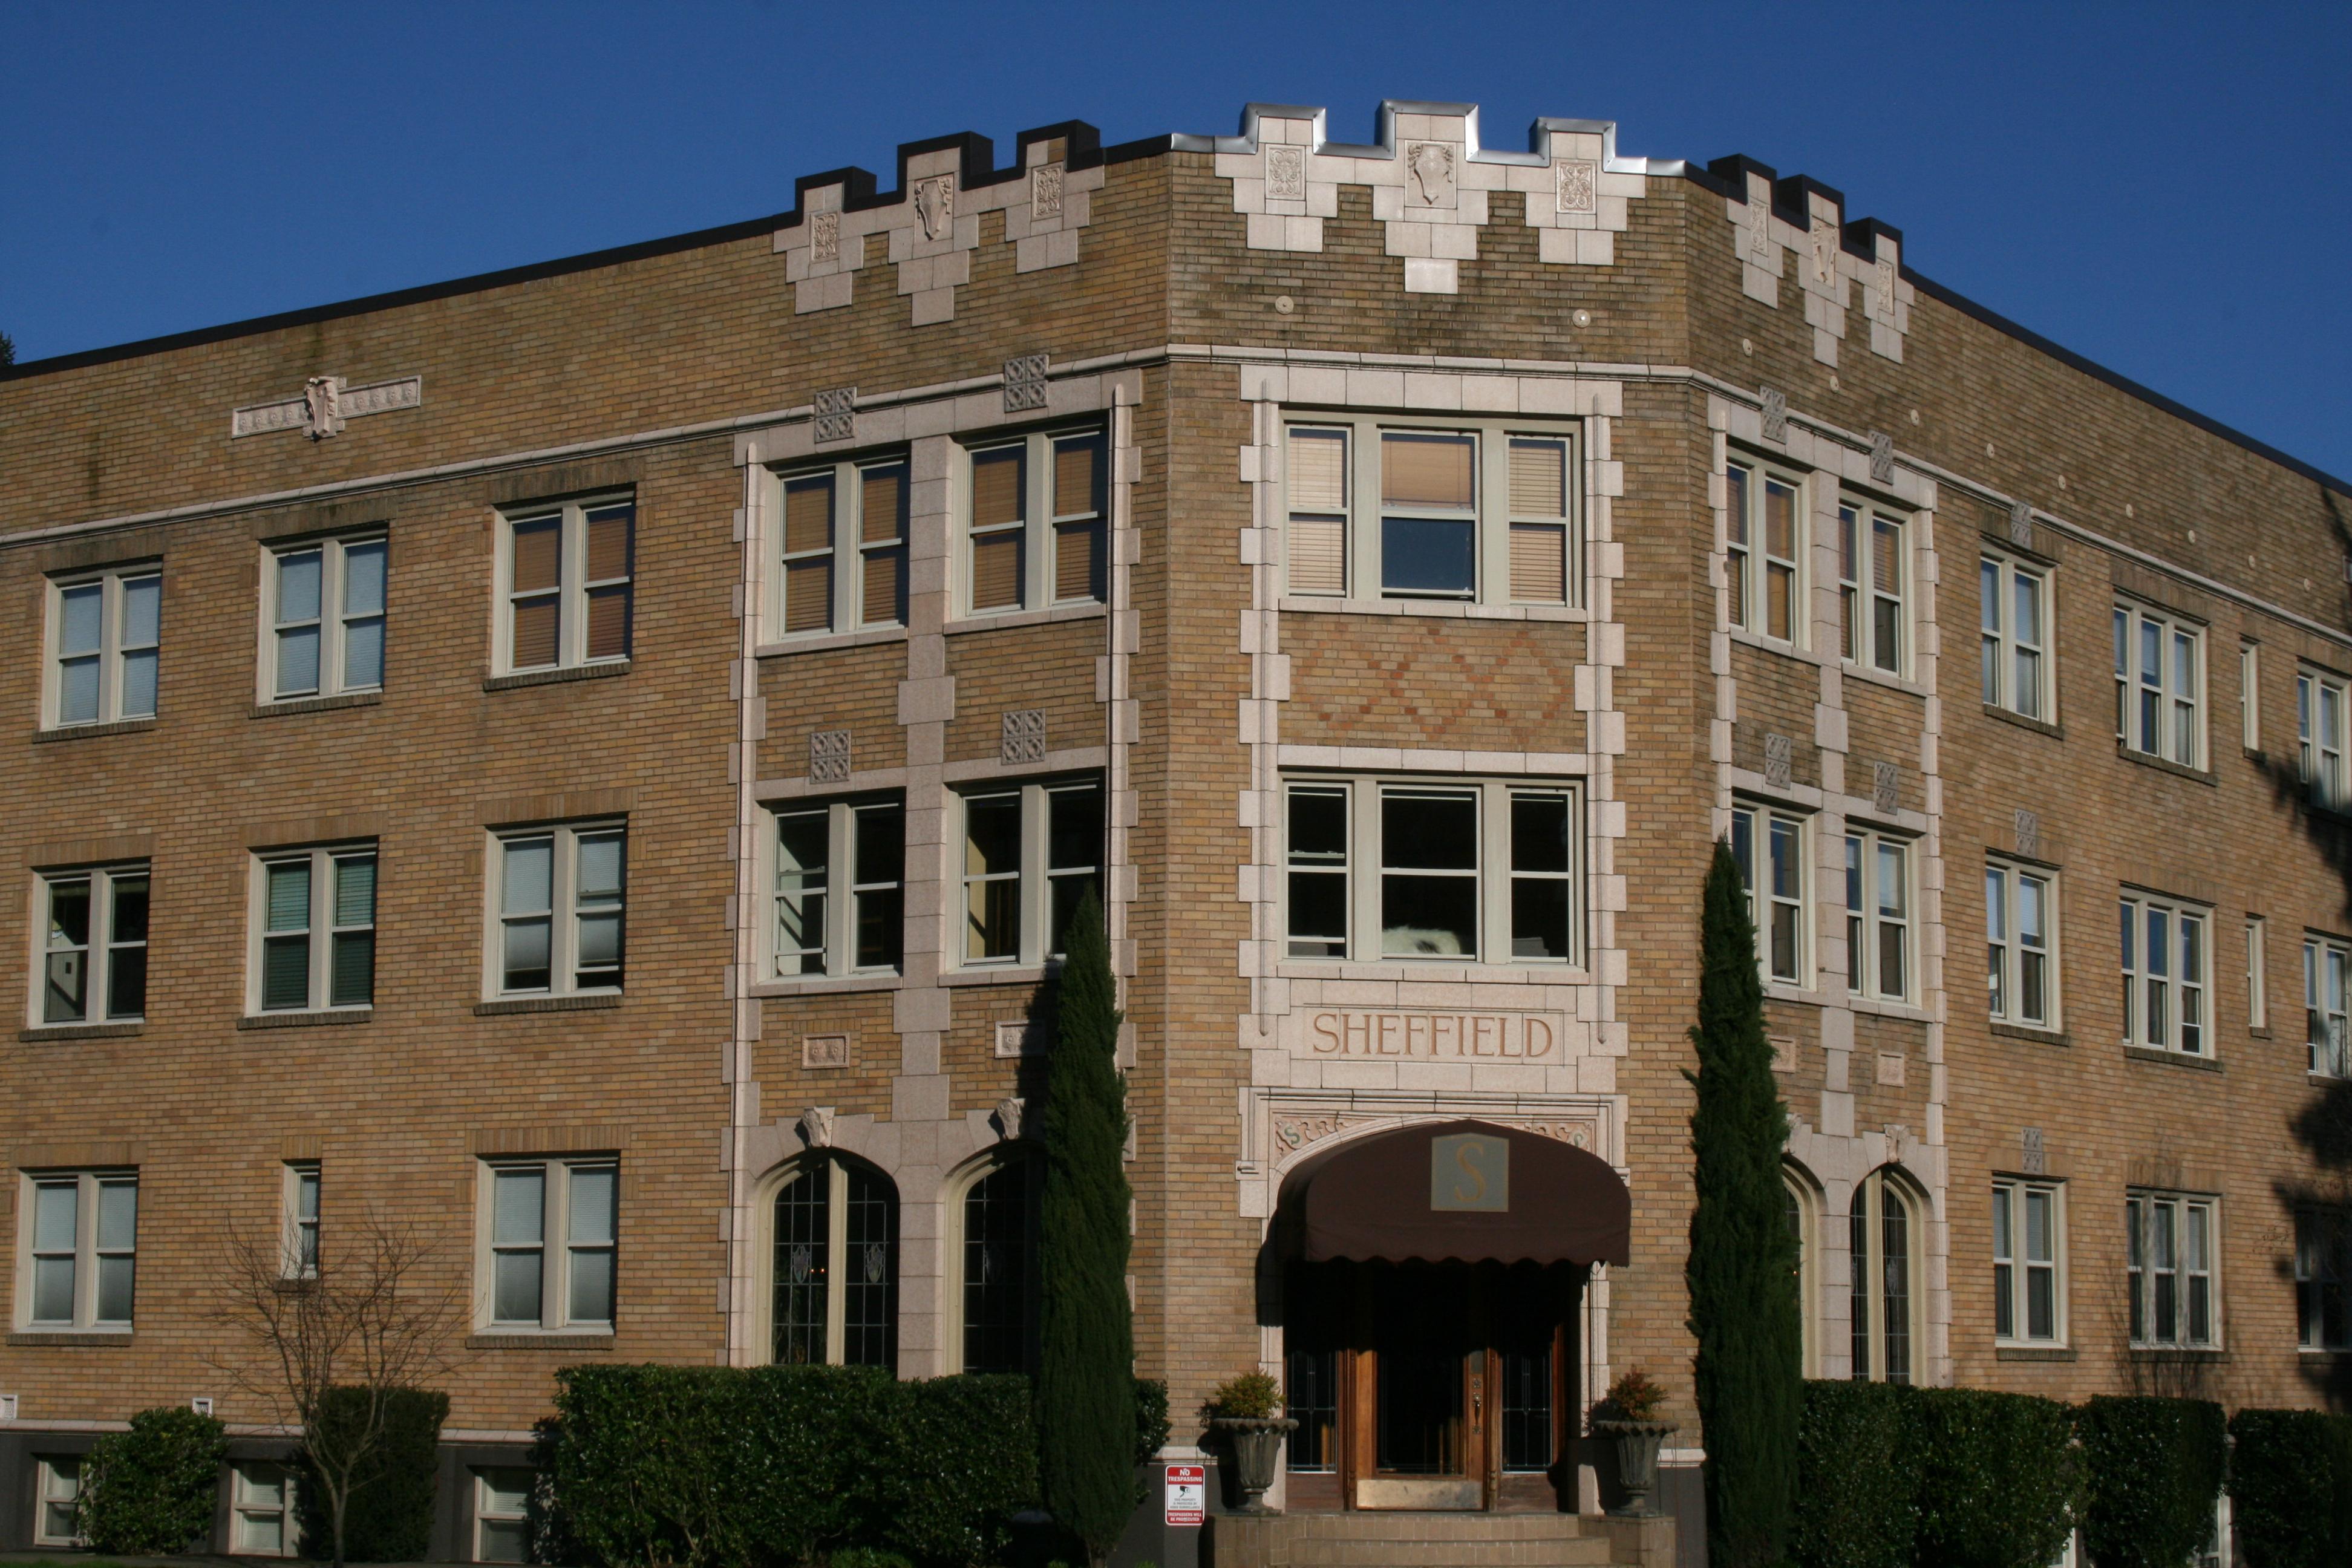 Housing cohort tackles preservation, affordability